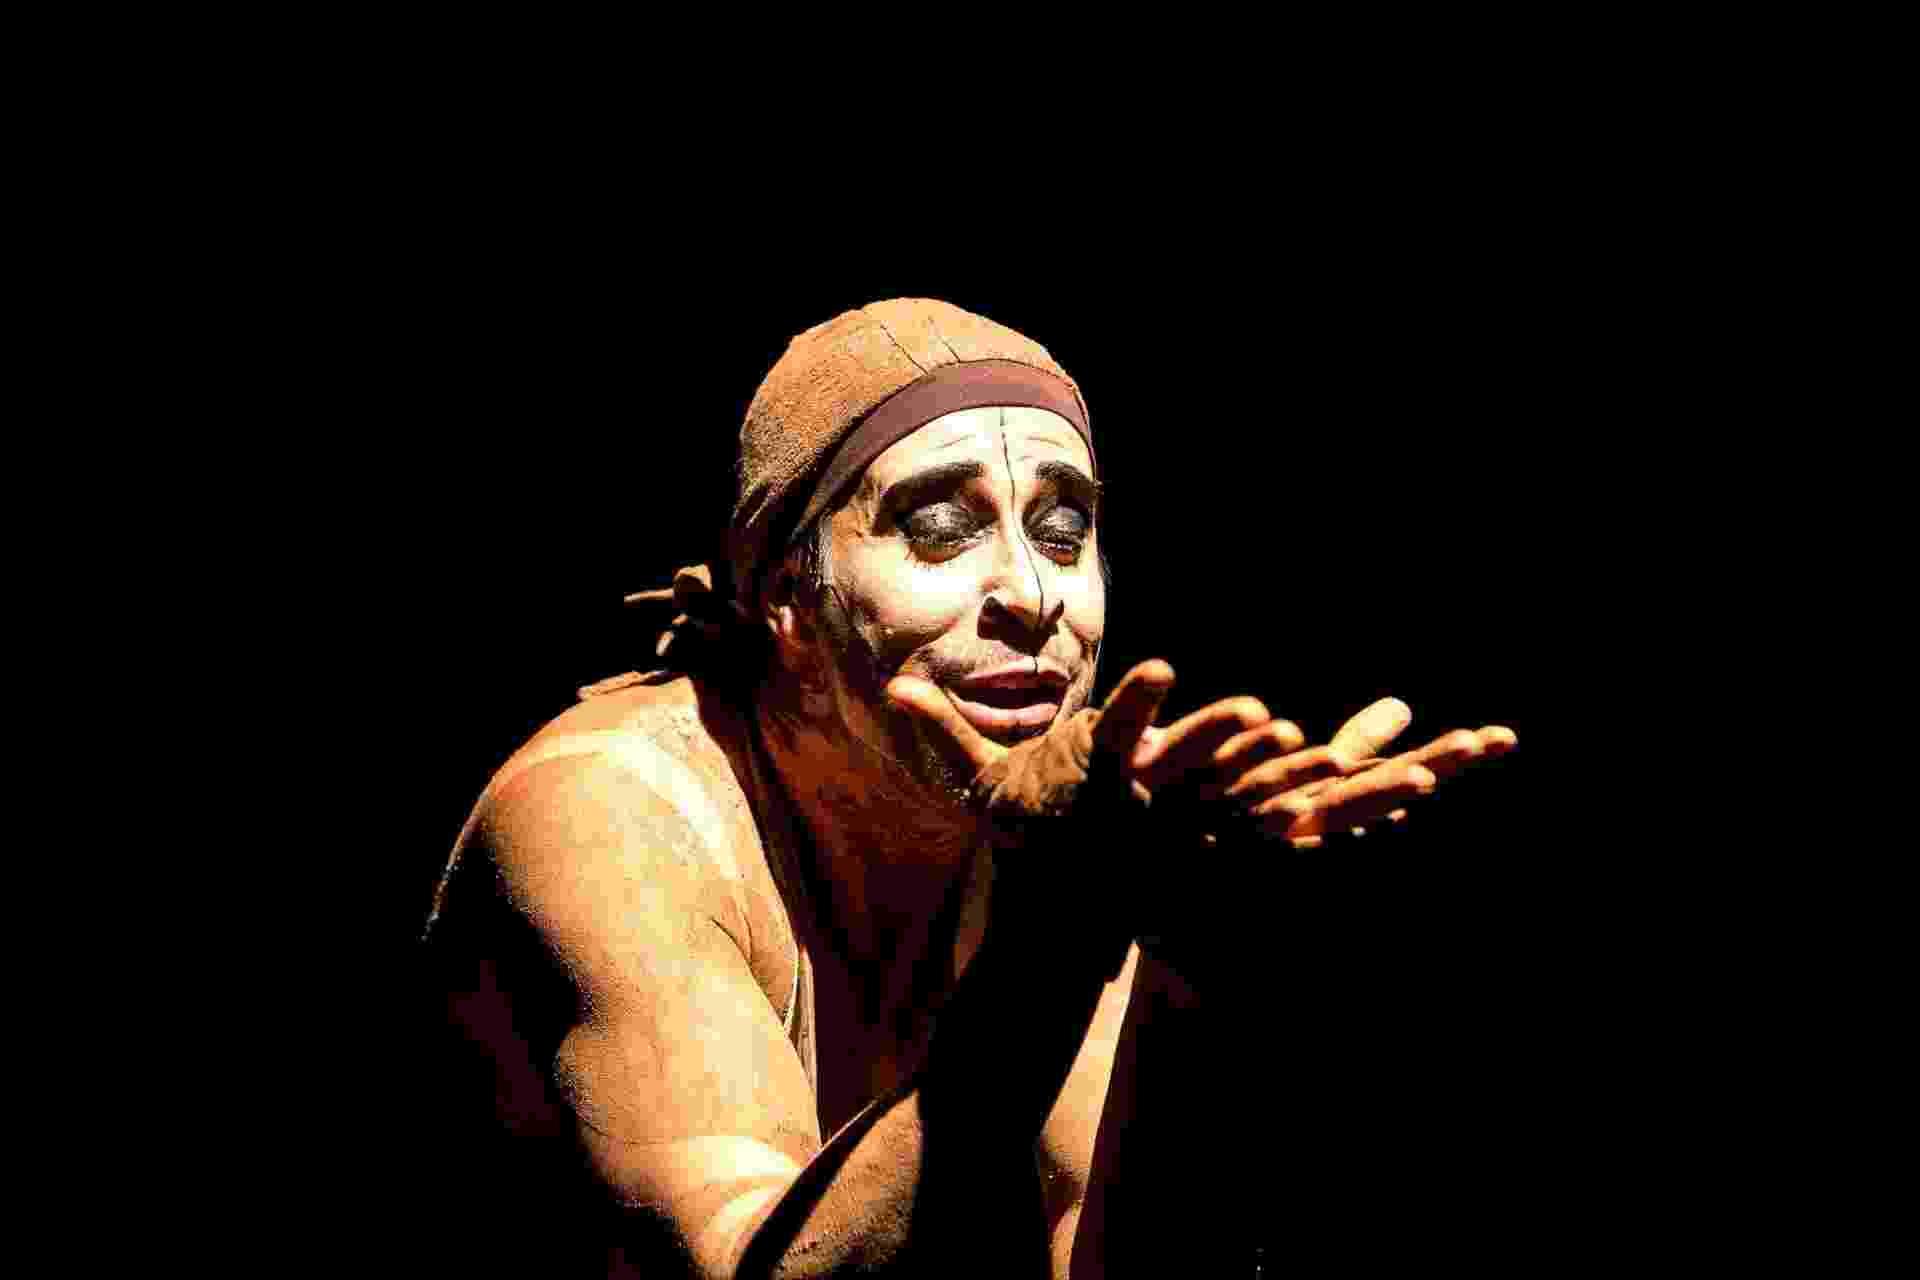 Alexandre Guimarães, de Recife, em cena da peça O Açougueiro, destaque do Fringe, no Festival de Teatro de Curitiba - Lina Sumizono/Clix